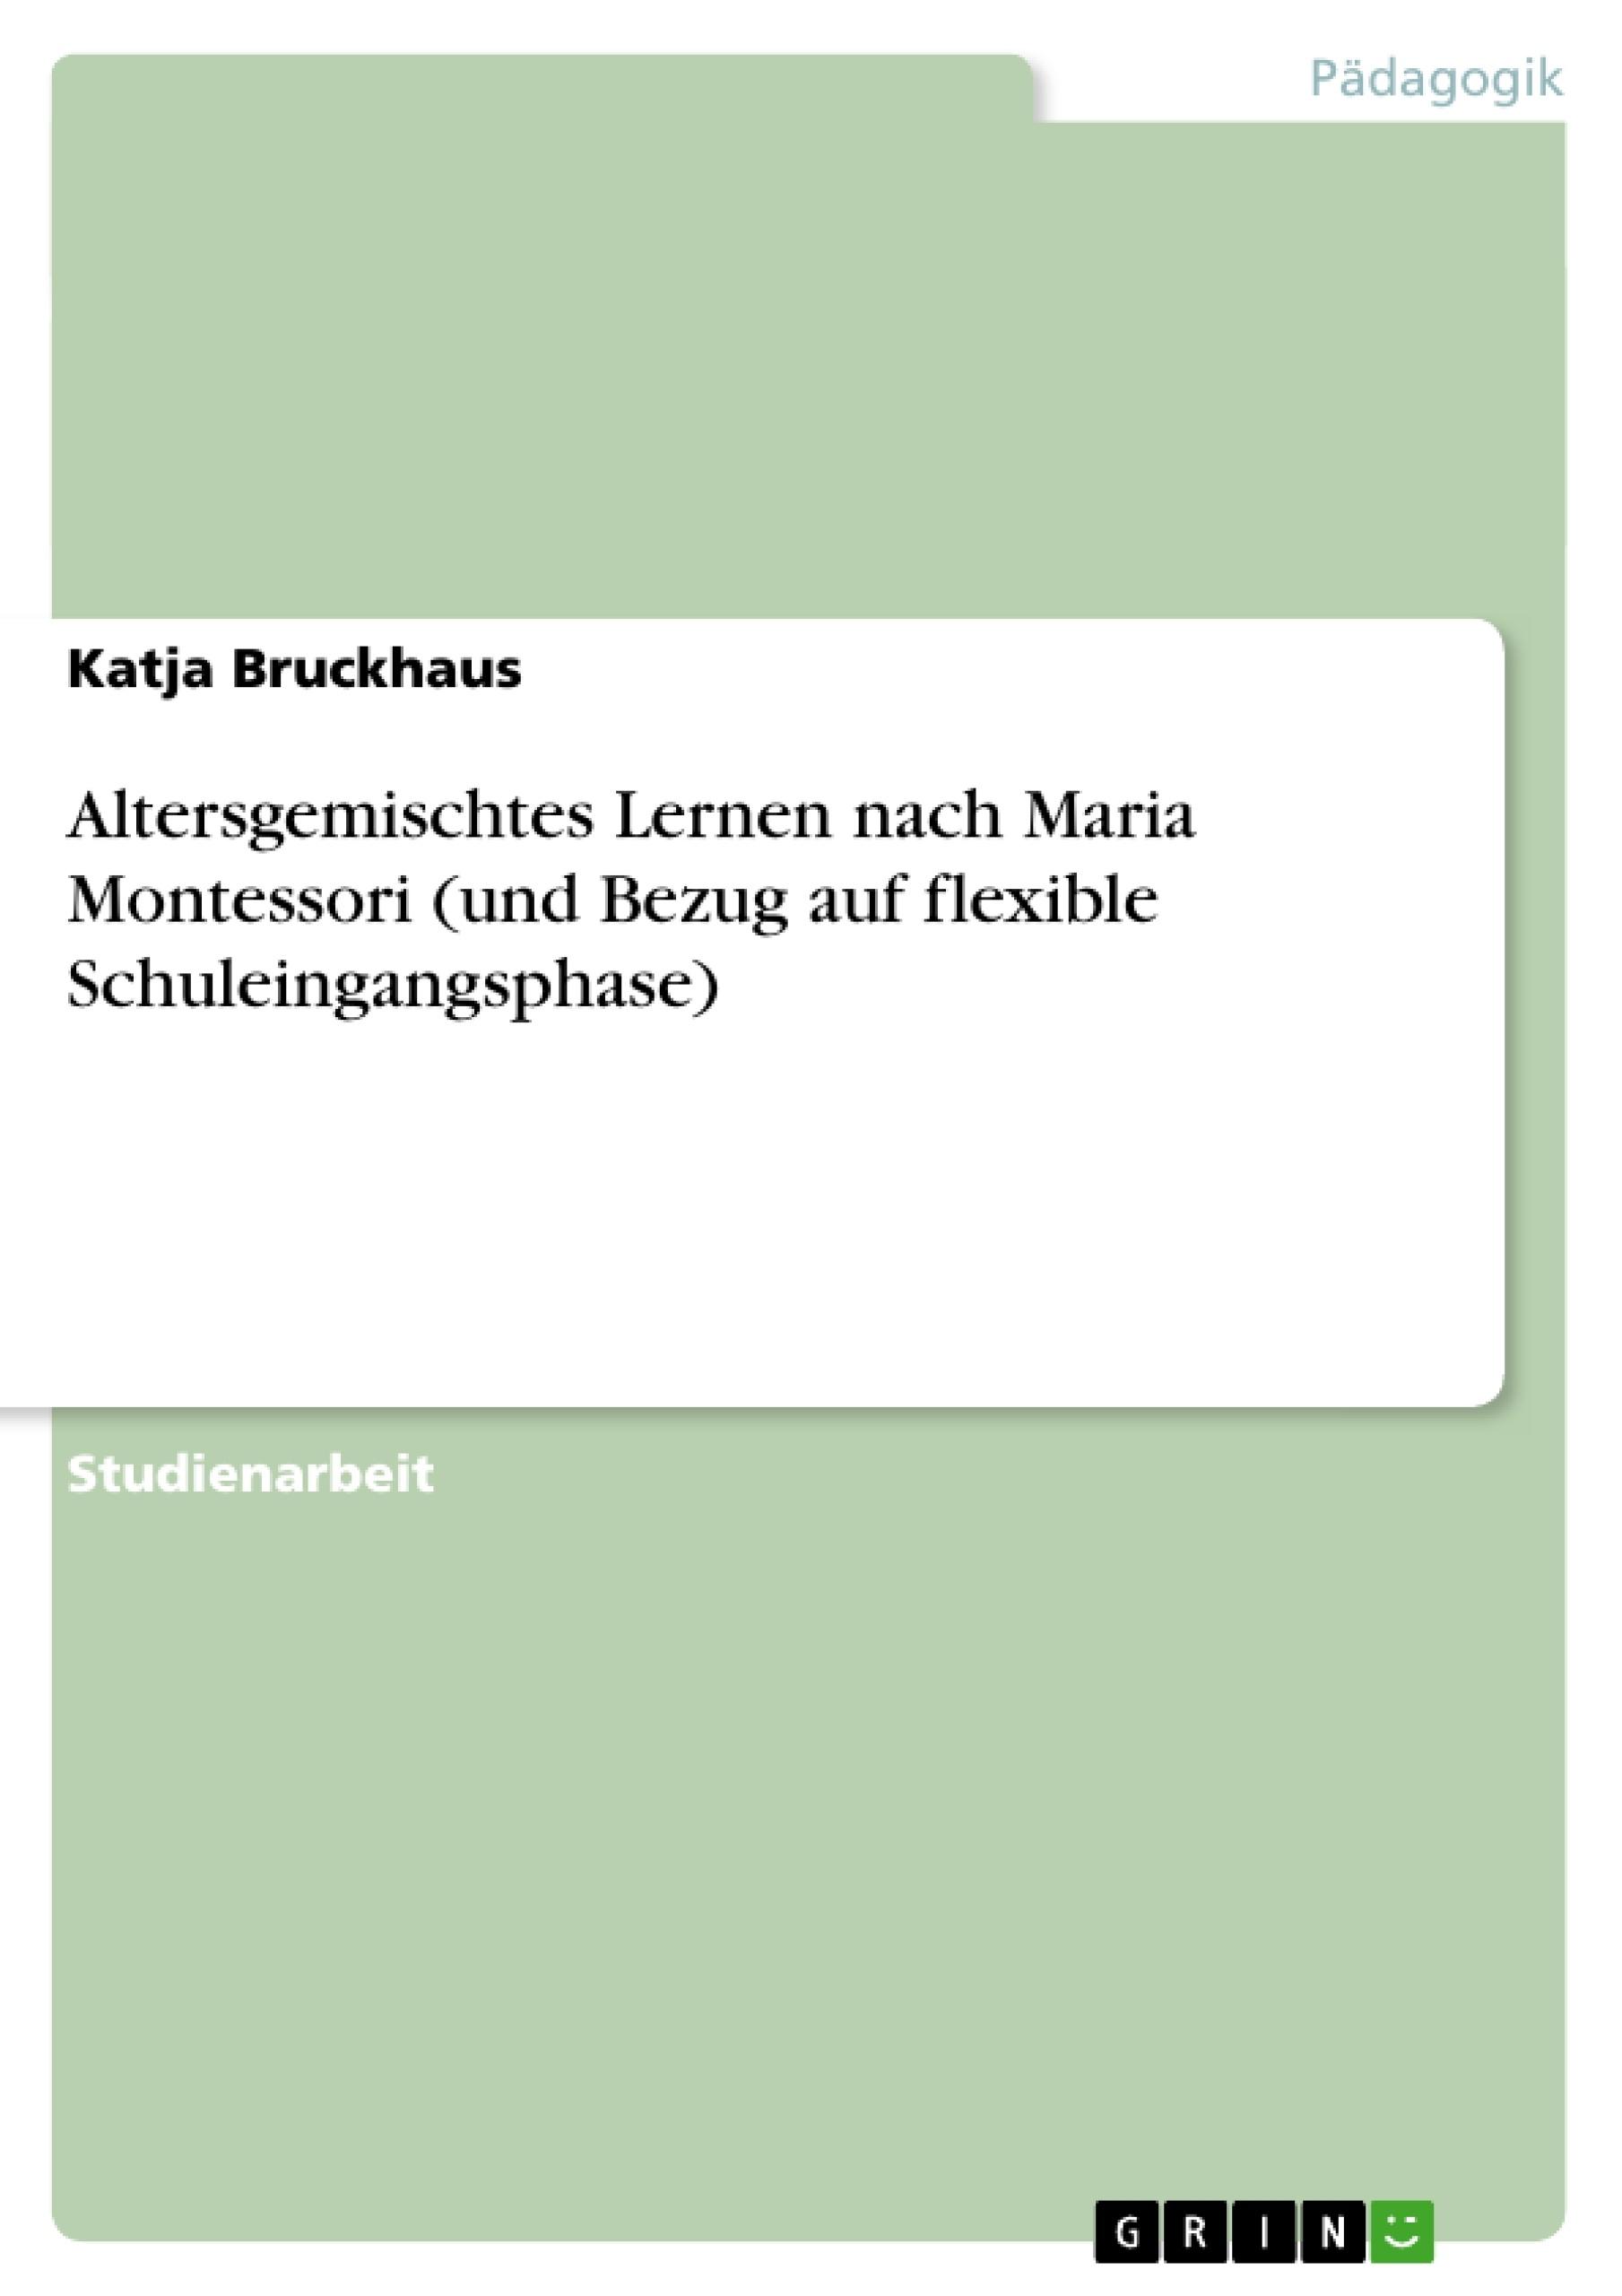 Titel: Altersgemischtes Lernen nach Maria Montessori (und Bezug auf flexible Schuleingangsphase)